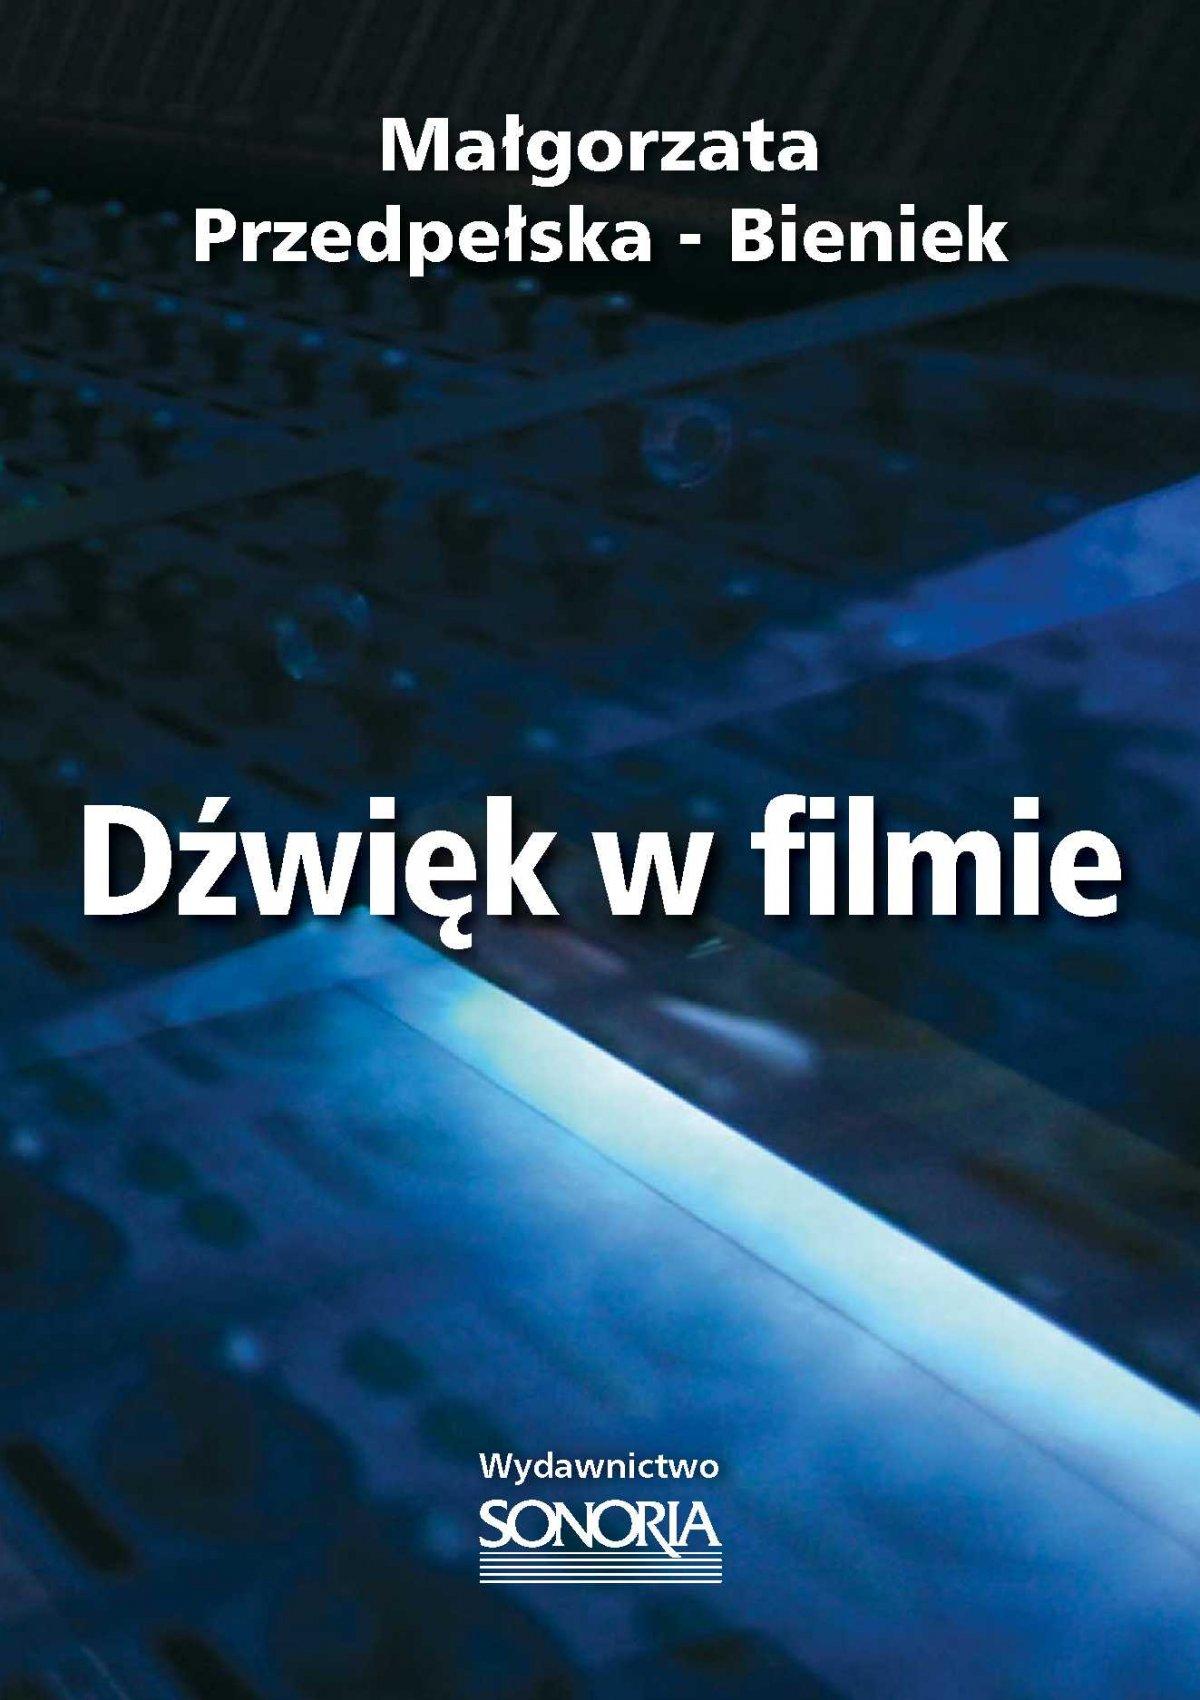 Dźwięk w filmie - Ebook (Książka PDF) do pobrania w formacie PDF